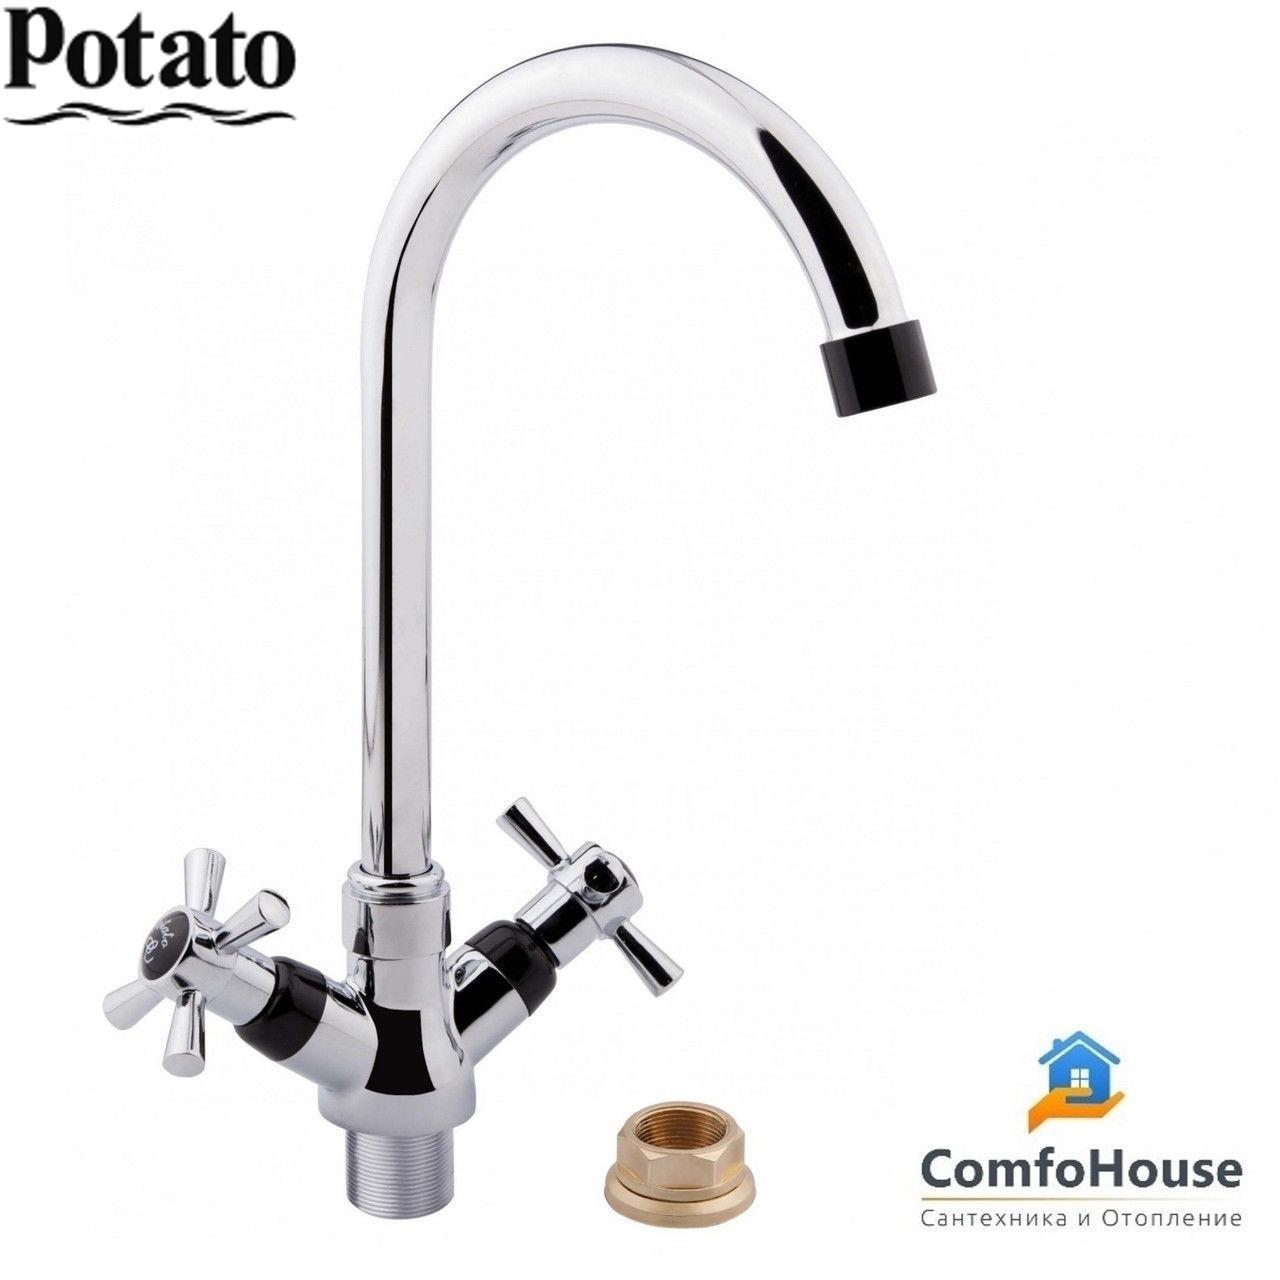 Смеситель для кухни Potato P4954-6 (высокий излив, буксовый)